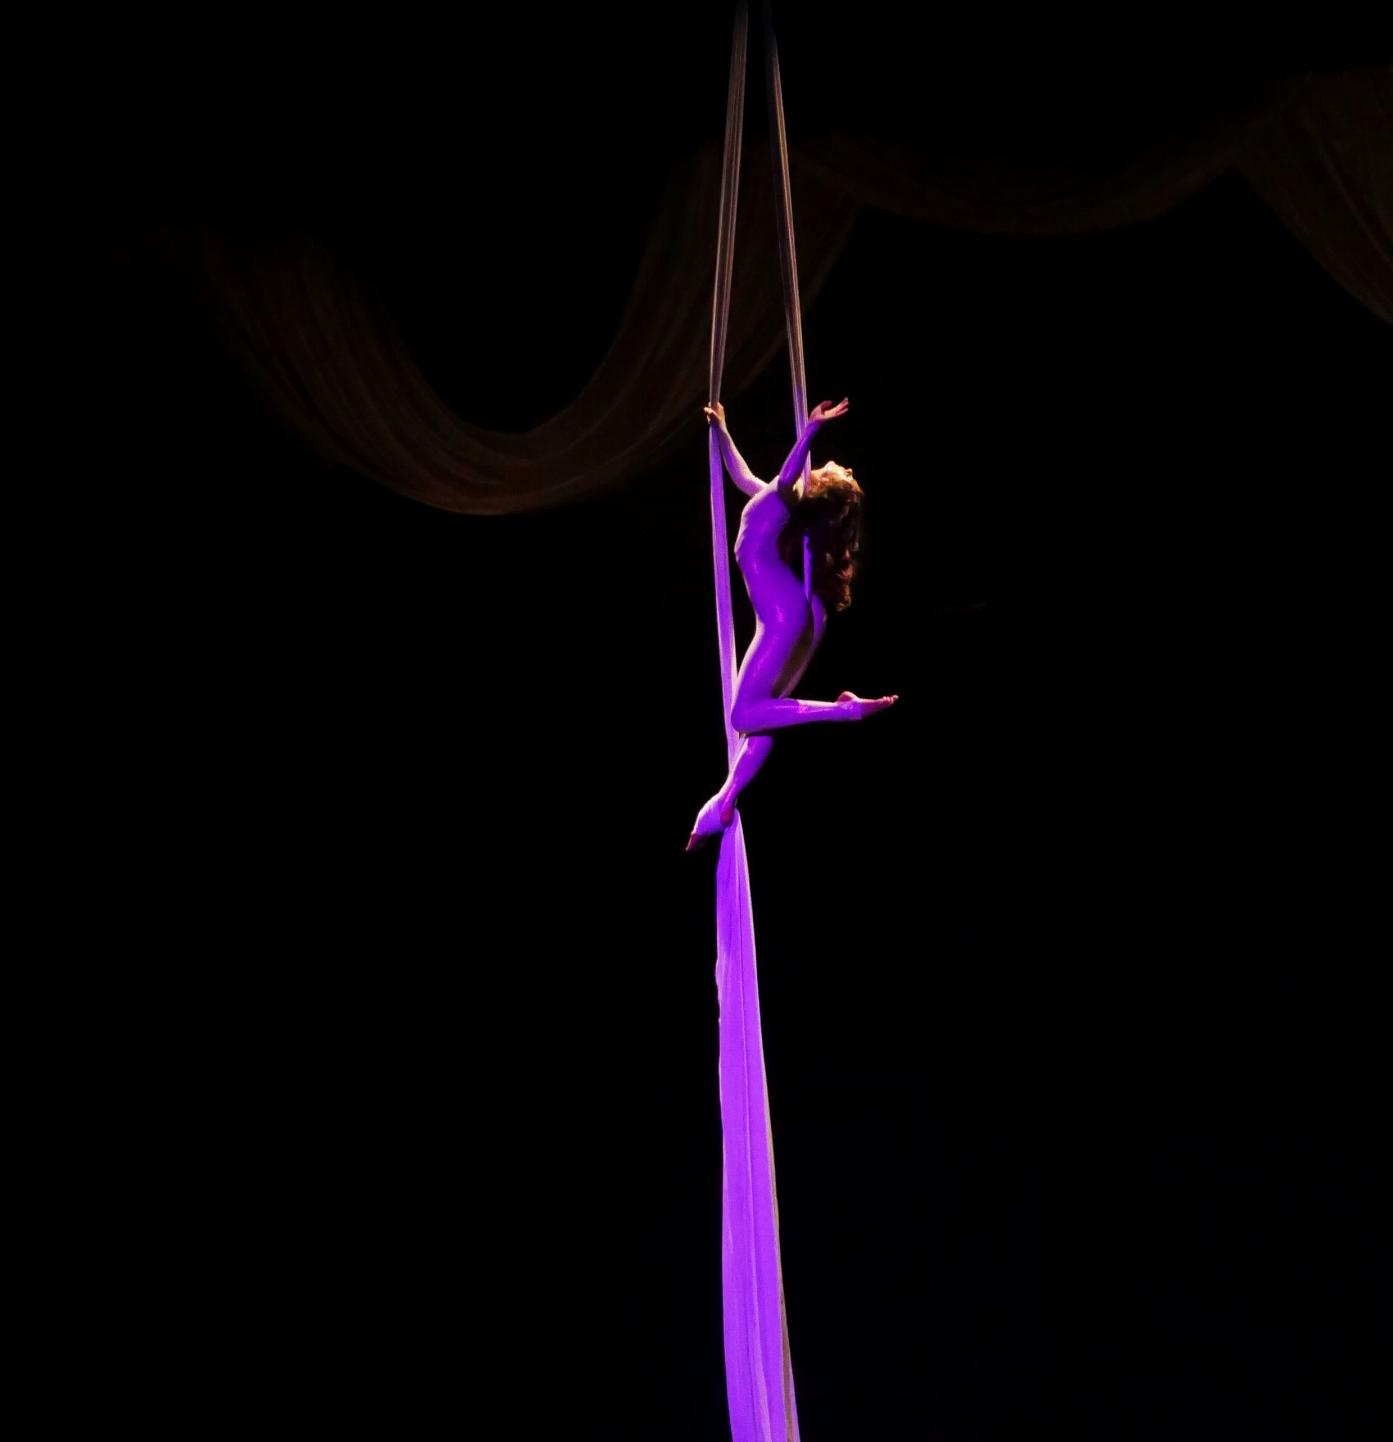 Aerial Silk Artist Berlin - Air Candy - Vertikaltuch Performance Showact